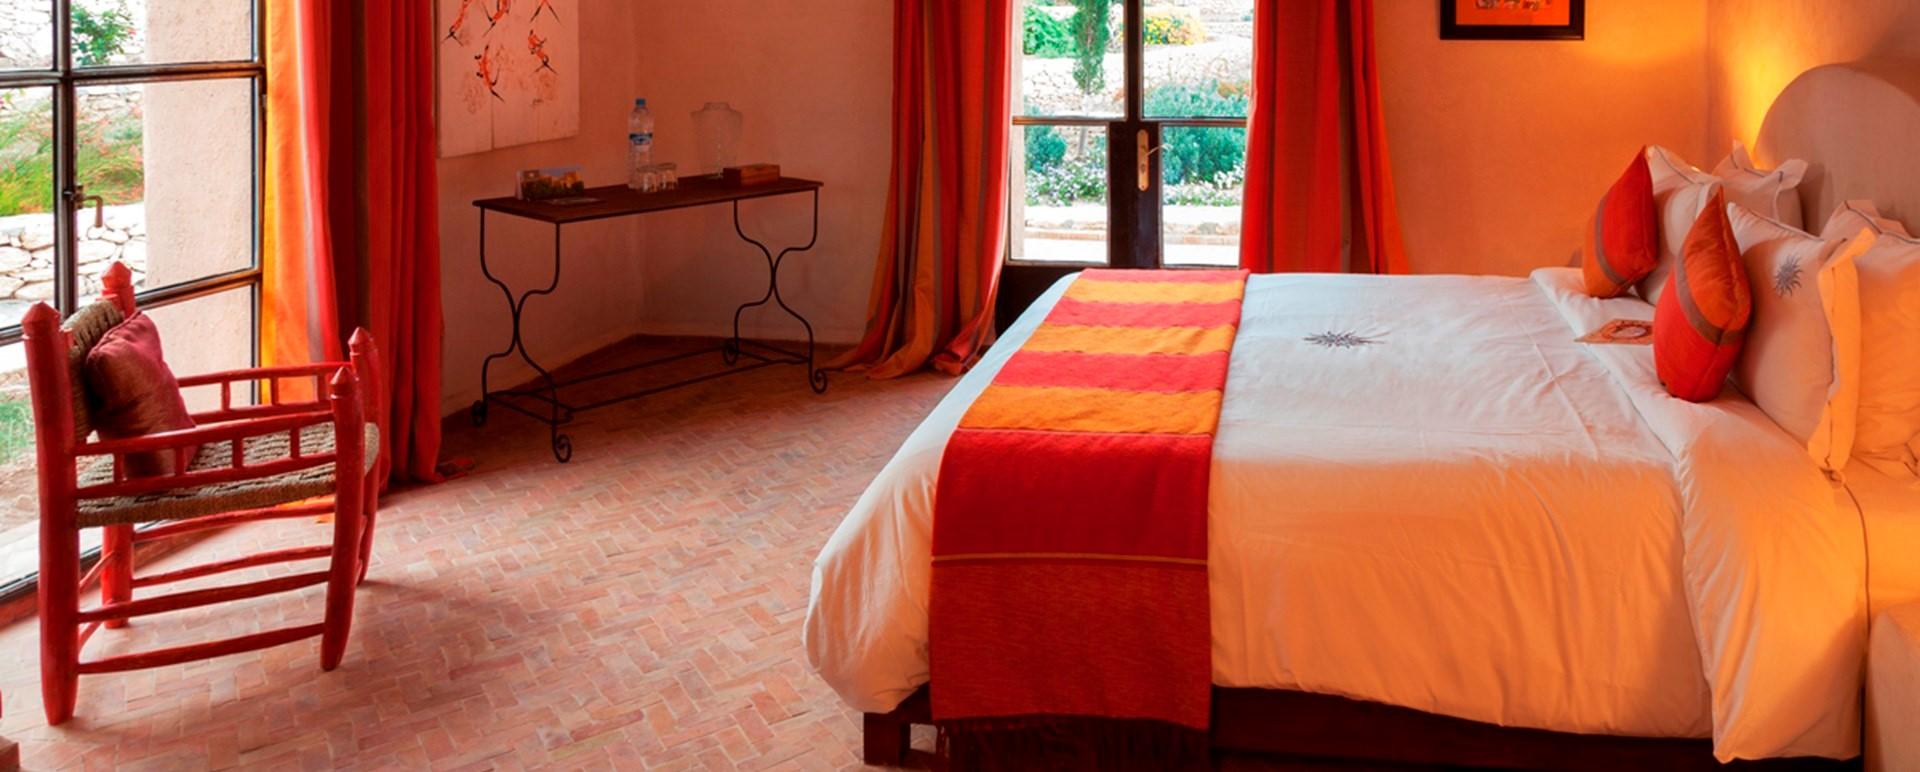 villa-basmah-essaouira-double-bedroom-2.